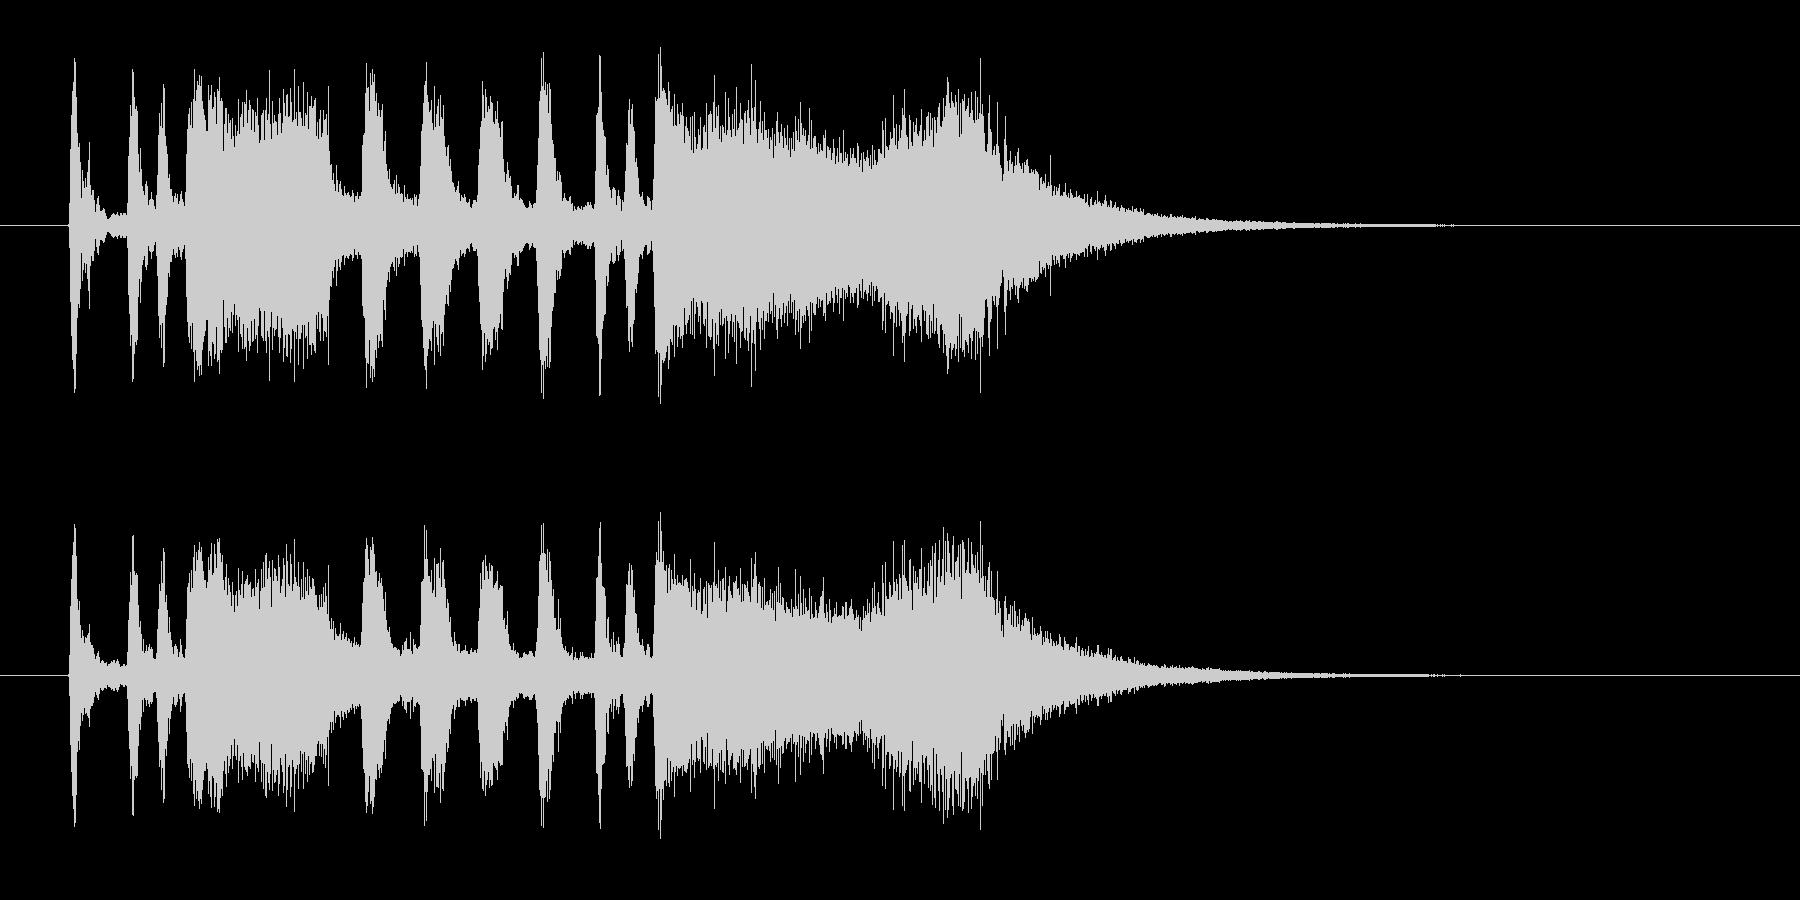 パンパカパーンのメロディーの未再生の波形